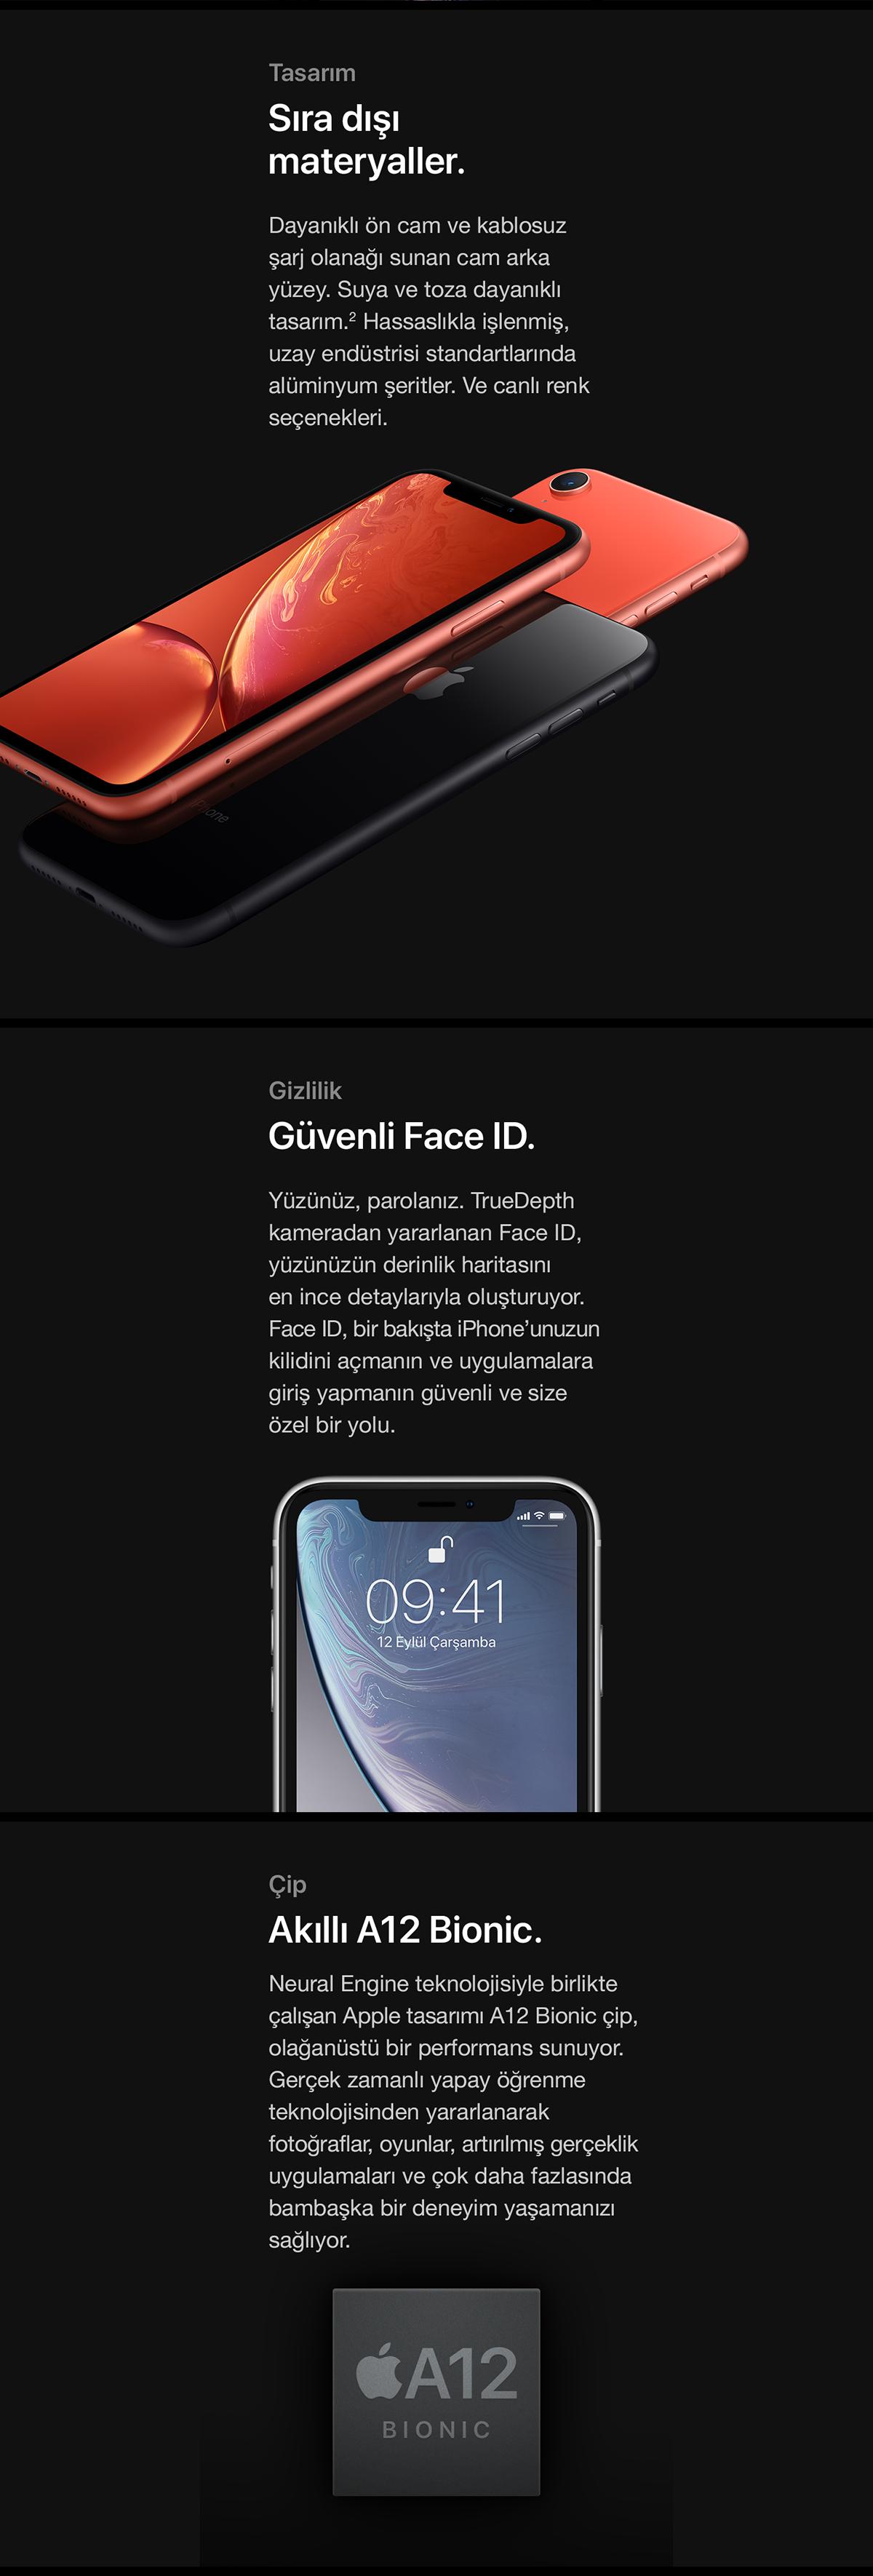 iphone-xr-64-gb-5fbc1a4f99a4d